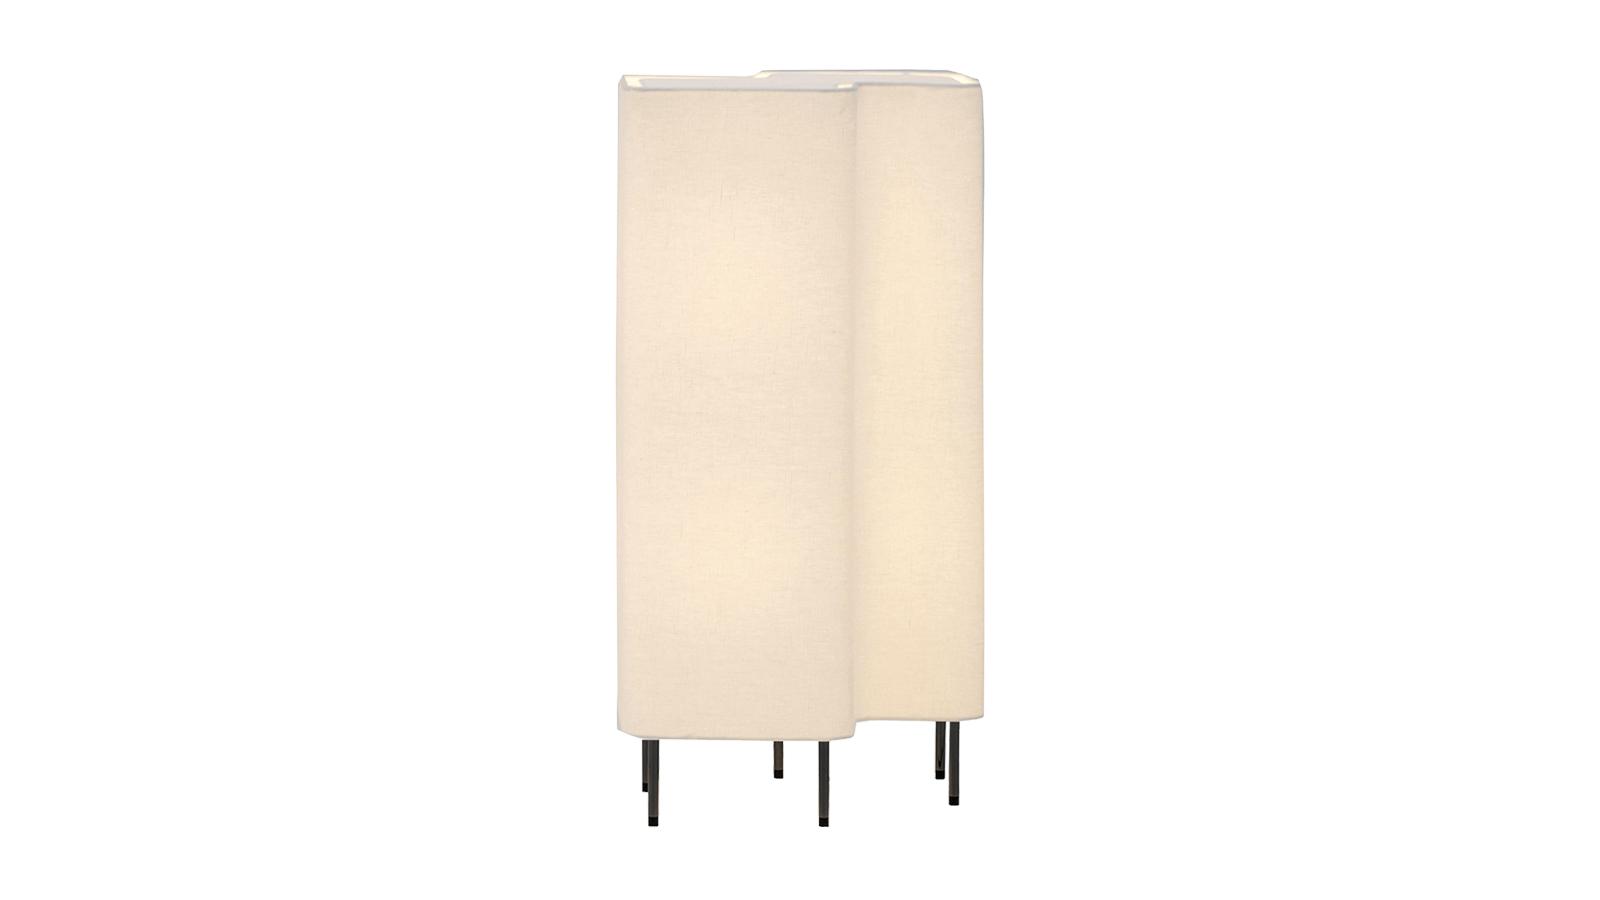 A Blanche új színt visz a hangulatvilágítások univerzumába. A masszív lámpatest opálos üvegének hála otthonos fénnyel tölti meg a szoba adott pontját, visszafogott lábának köszönhetően pedig inkább egy különös bútor, mintsem egy könnyen háttérbe szorítható kiegészítő szerepét tölti be. Asztali- és többféle állólámpa verzióban is kapható.